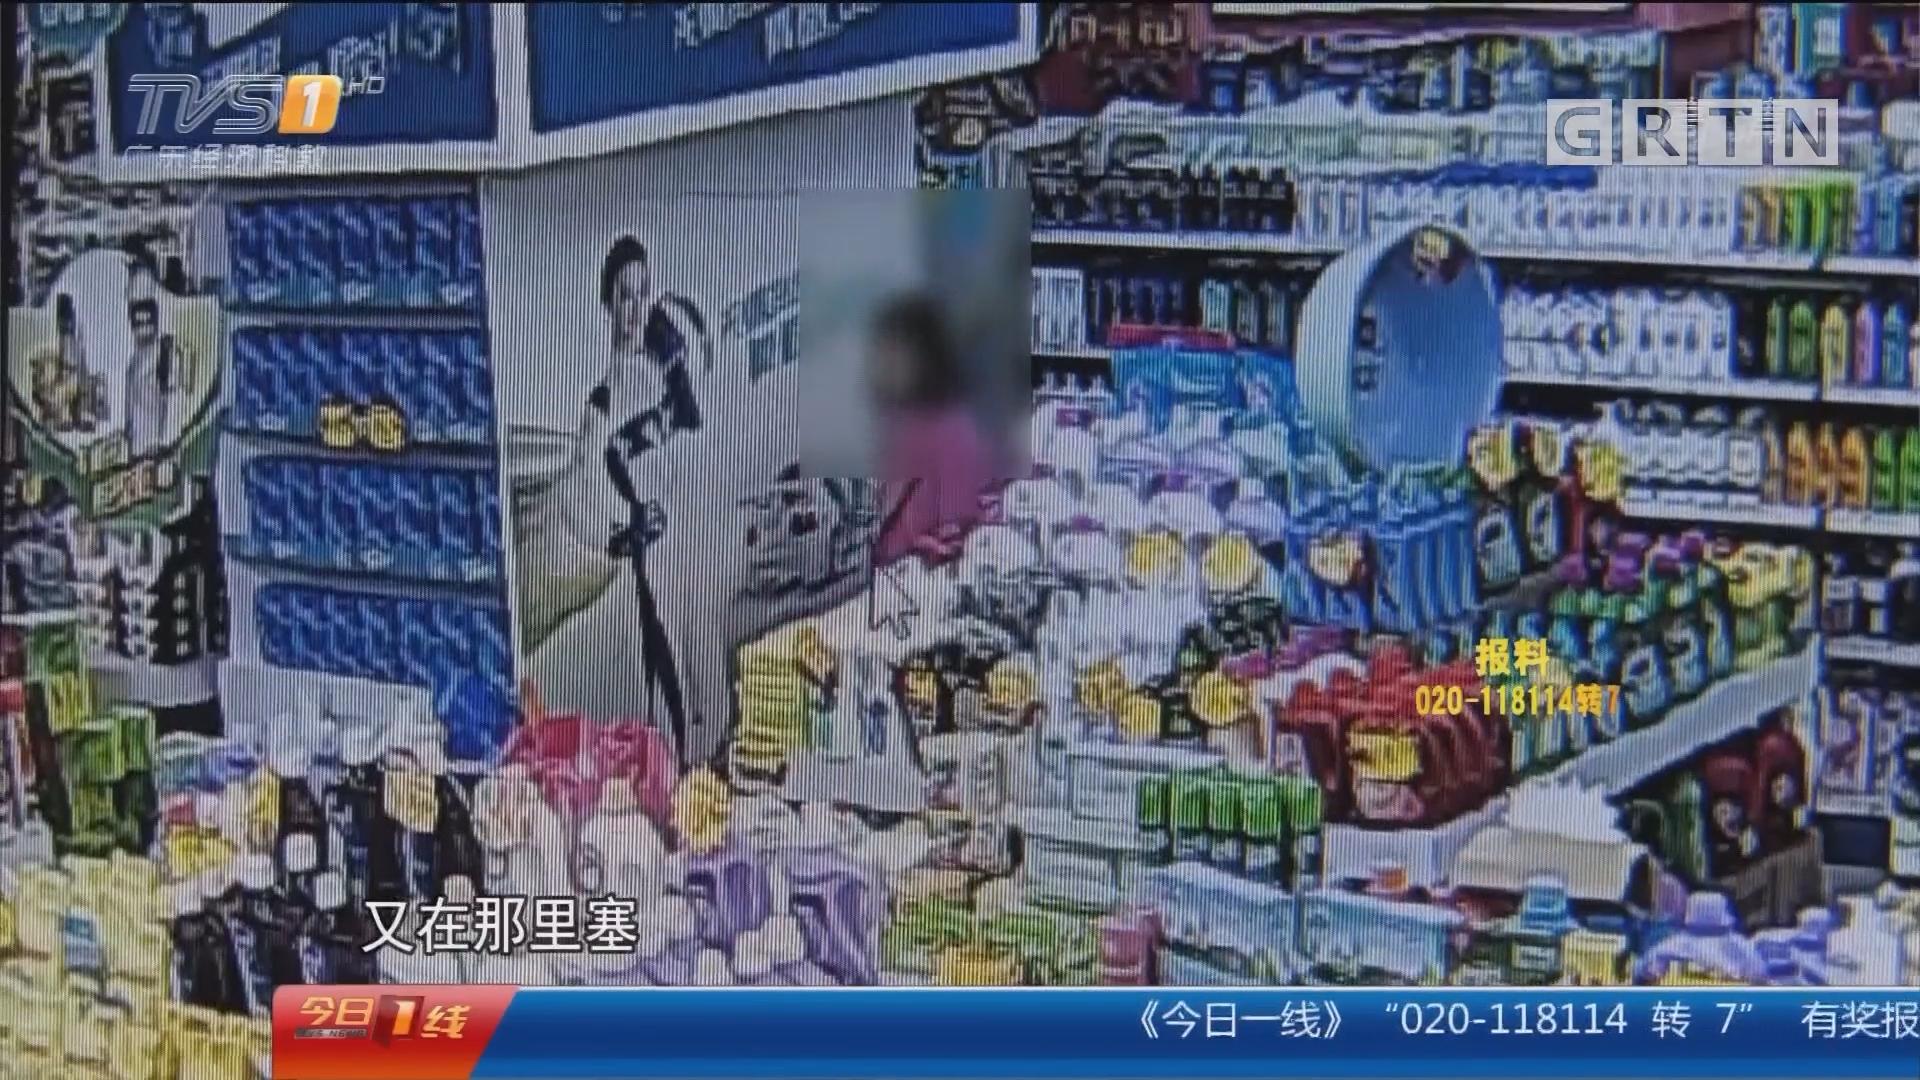 惠州博罗:一天连偷六家超市 烟酒赛裤裆